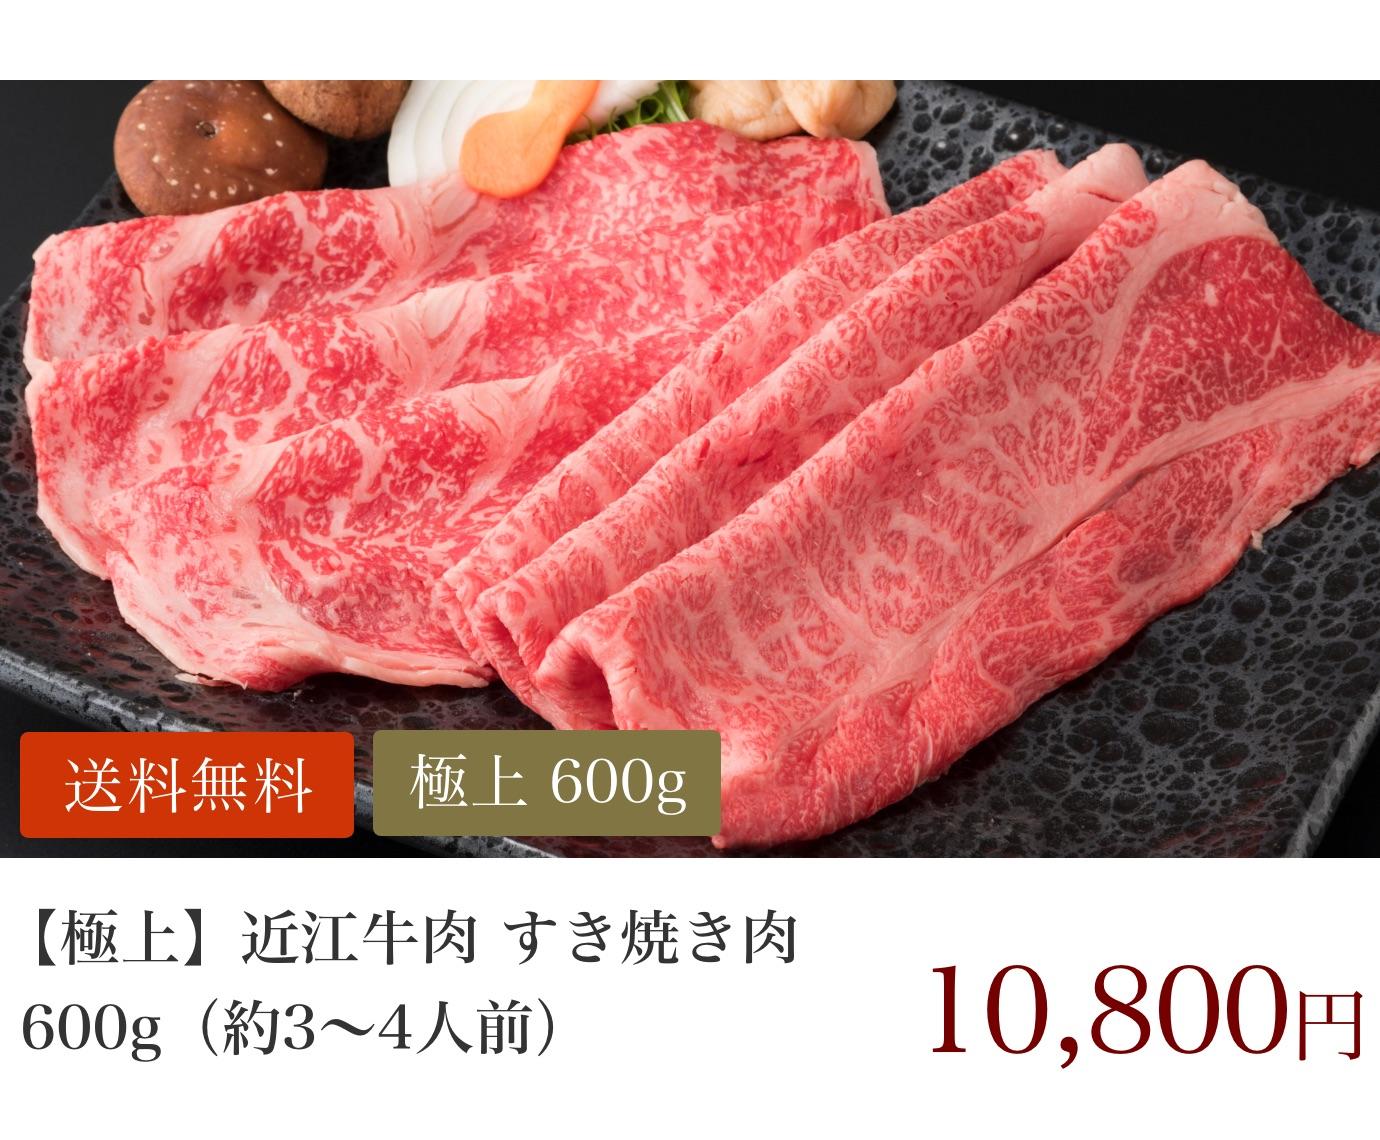 【極上】近江牛肉 すき焼き肉 600g (約3〜4人前)